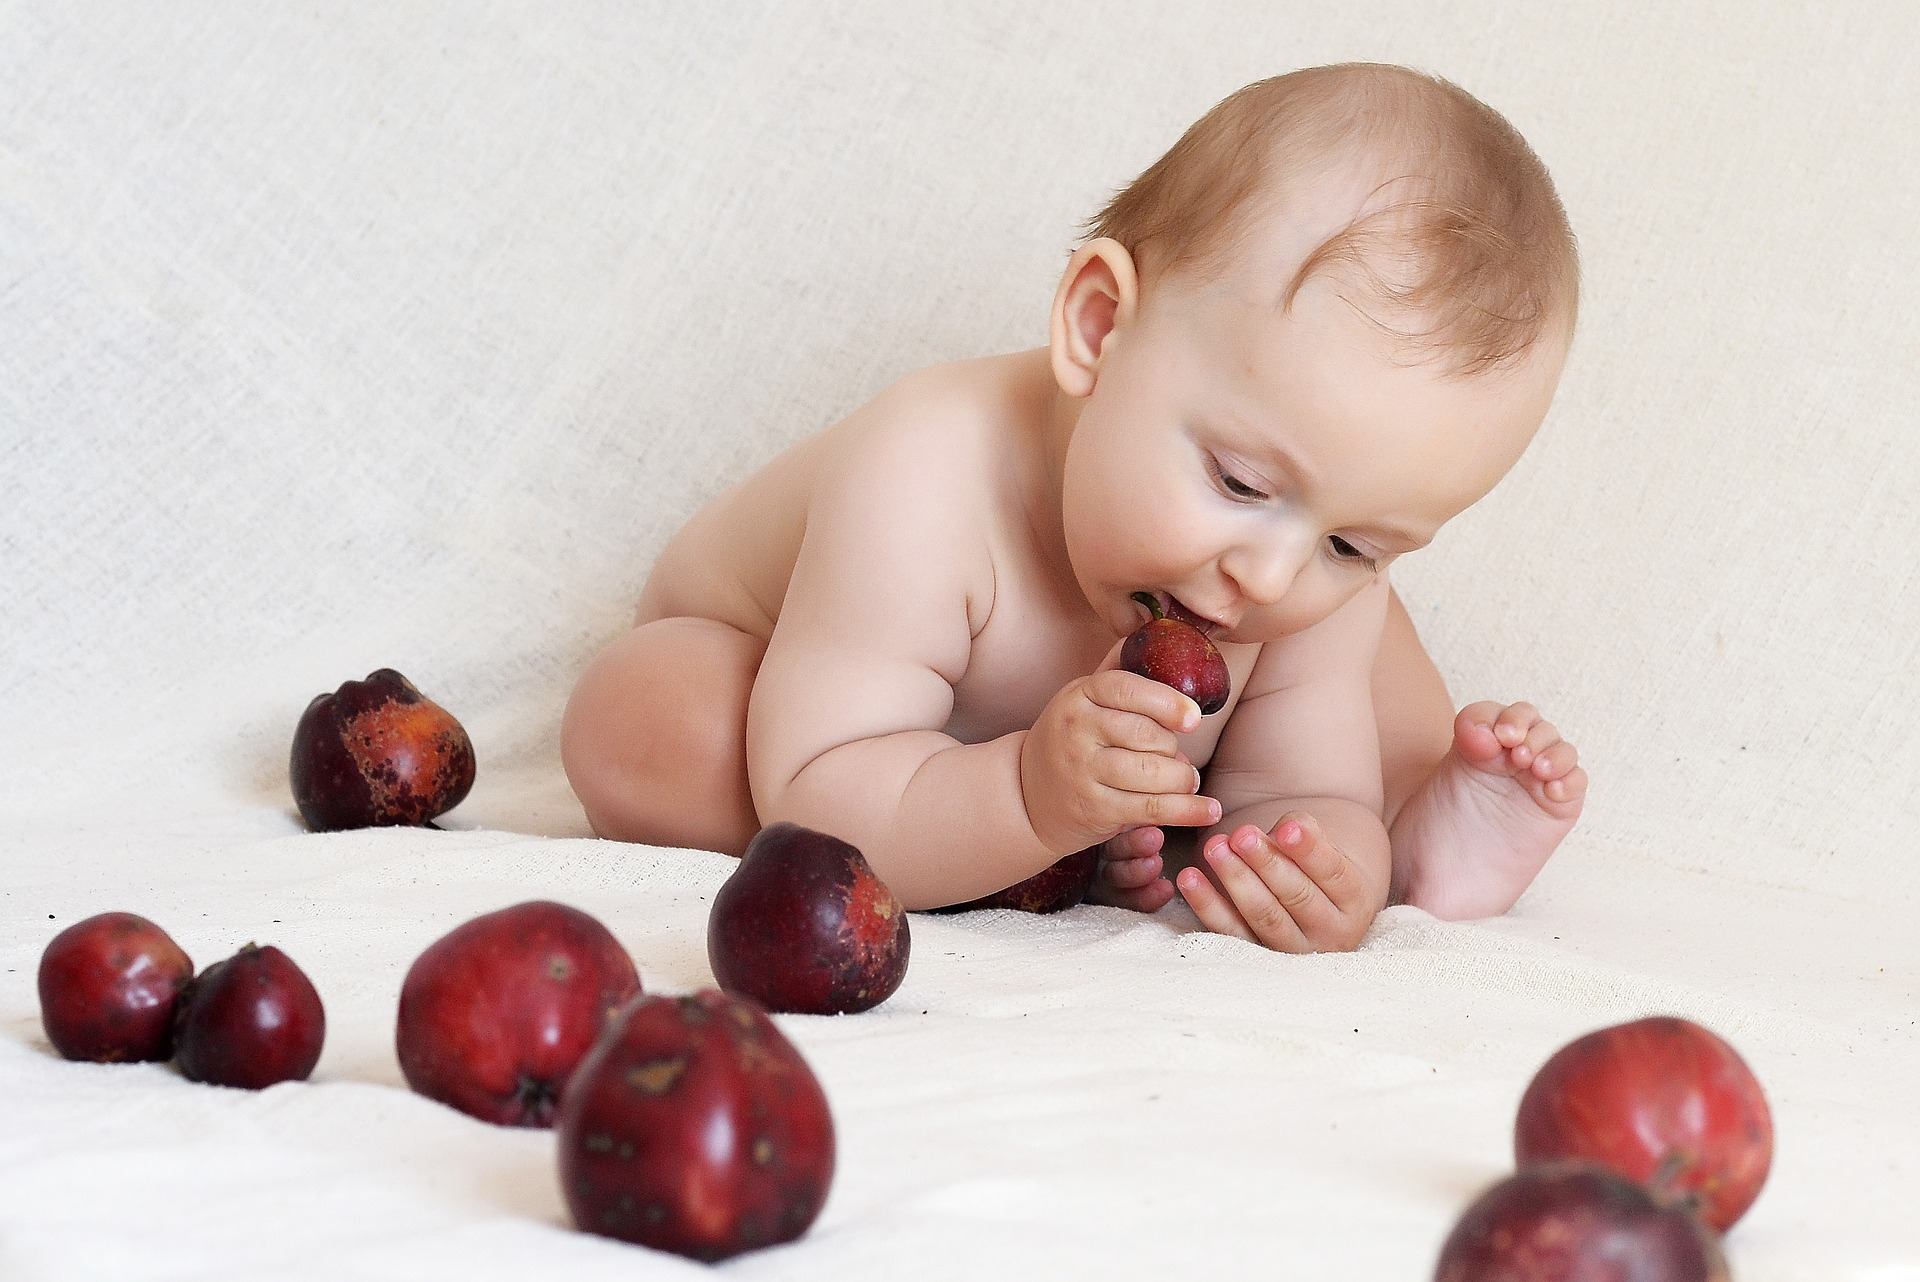 μωρό στερεές τροφές